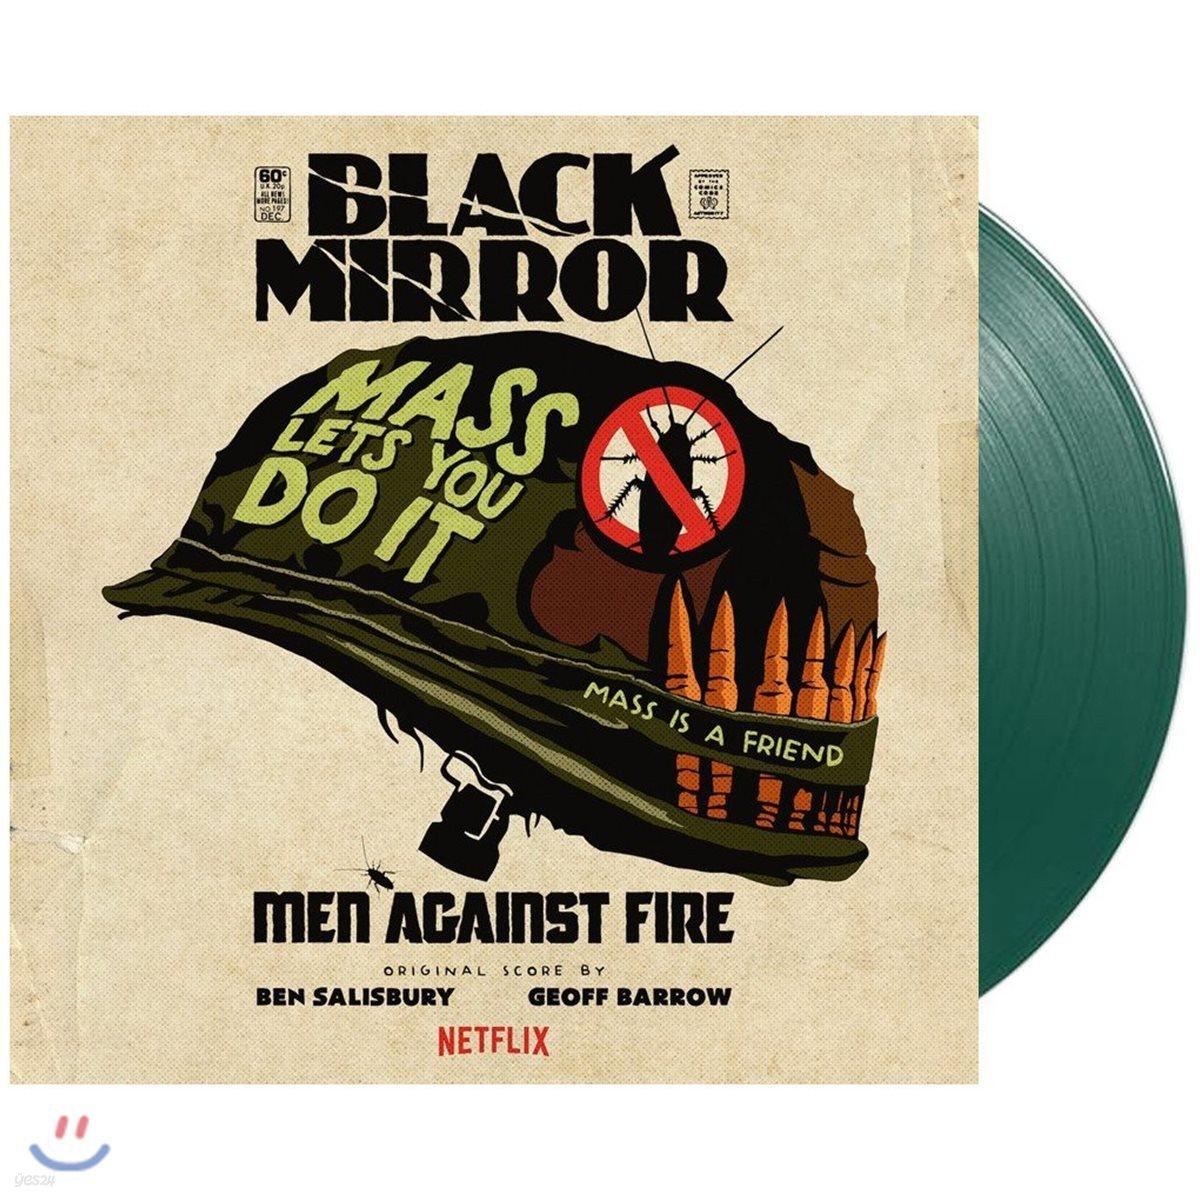 블랙 미러: 멘 어게인스트 파이어 드라마 음악 (Black Mirror: Men Against Fire OST by Ben Salisbury & Geoff Barrow) [그린 컬러 LP]